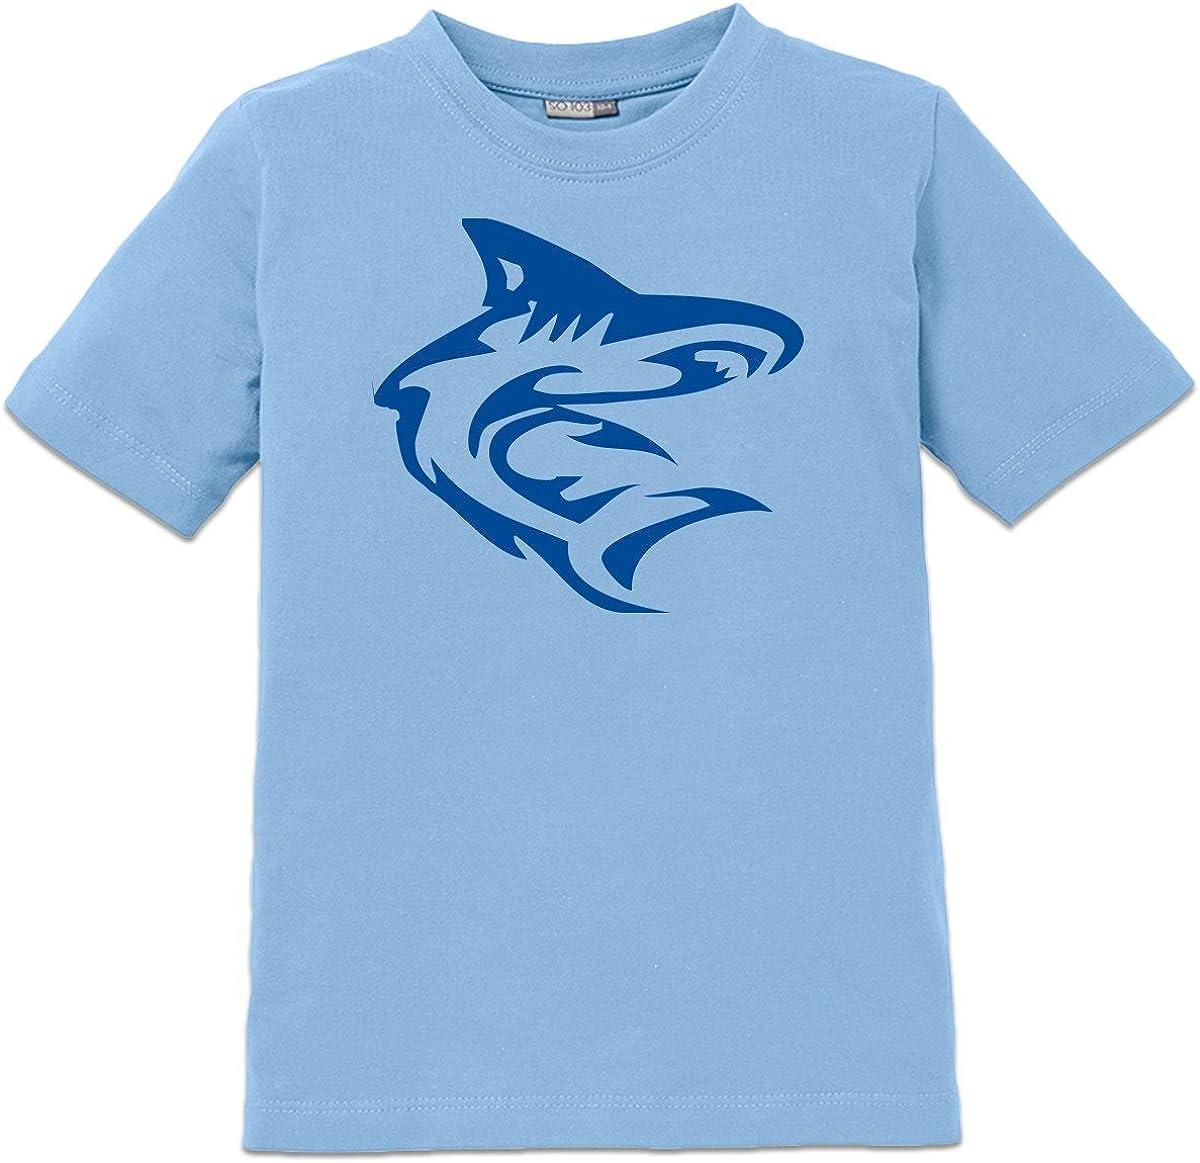 Camiseta de niño Tiburón Tribal by Shirtcity: Amazon.es: Ropa y accesorios